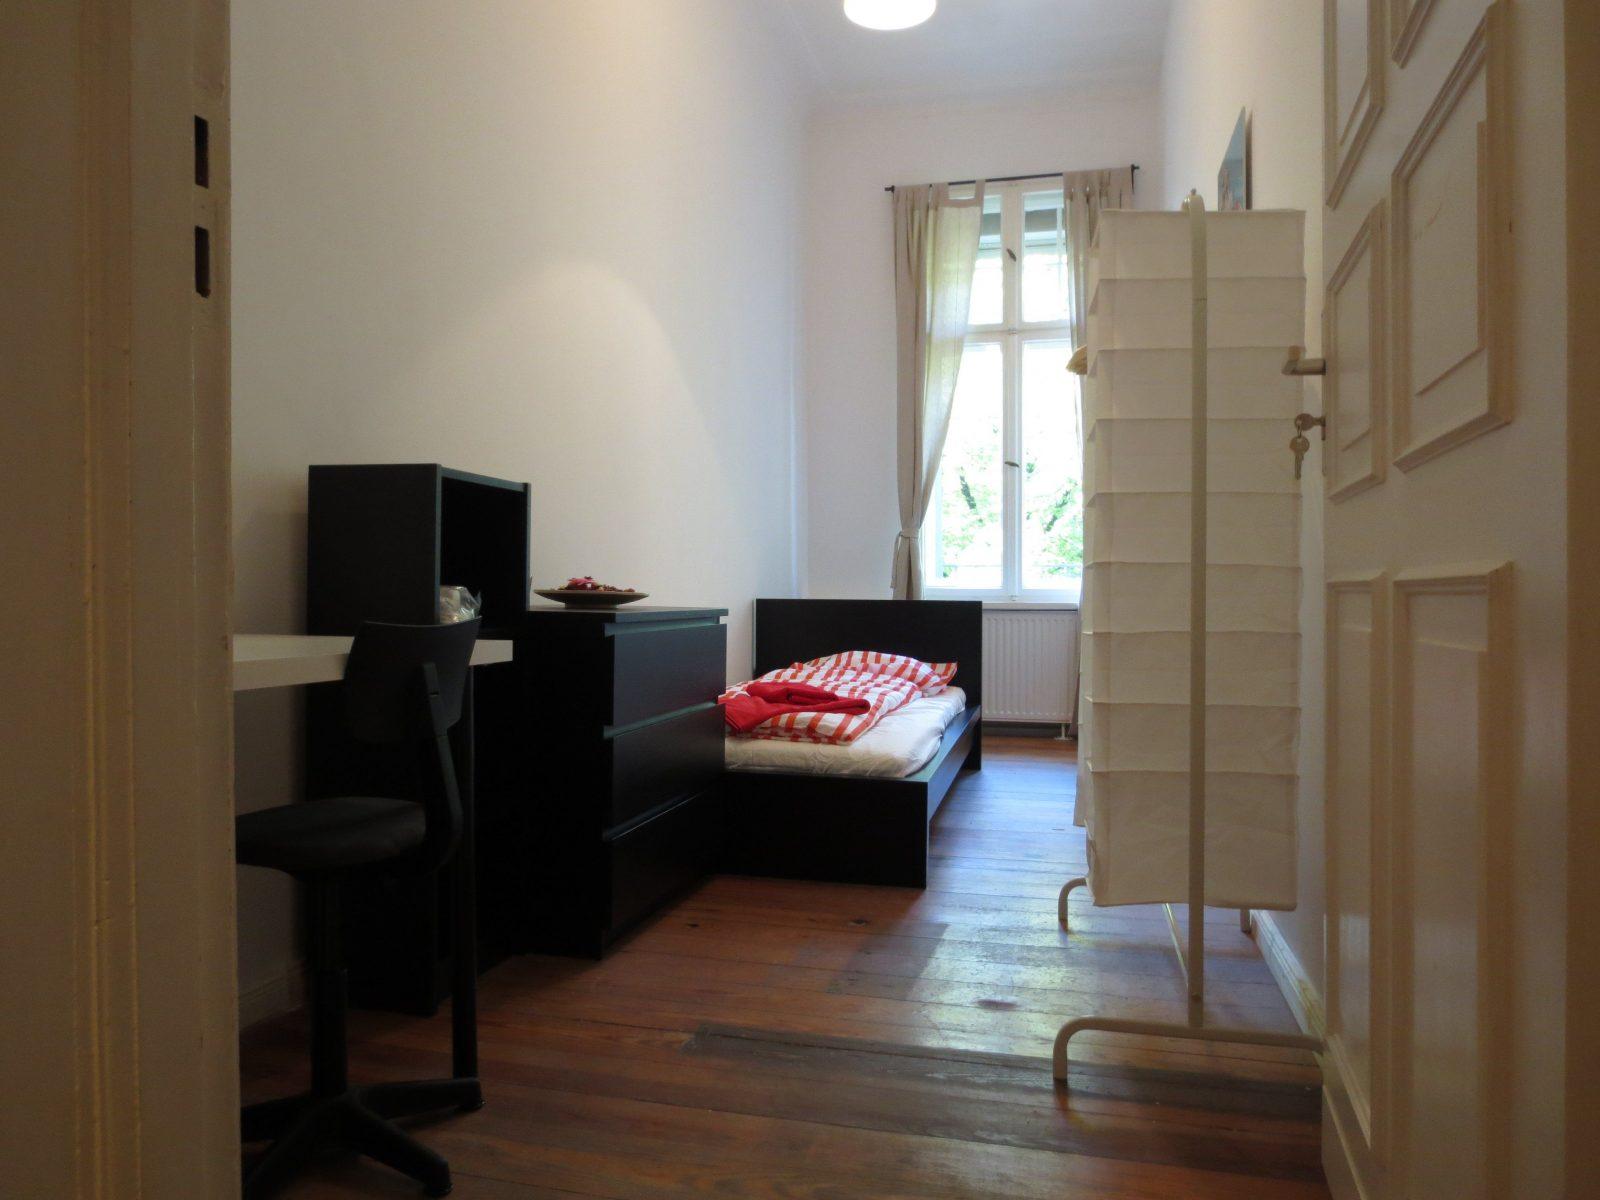 11 Qm Zimmer Einrichten Alles Uber Wohndesign Und Mobelideen Avec 8